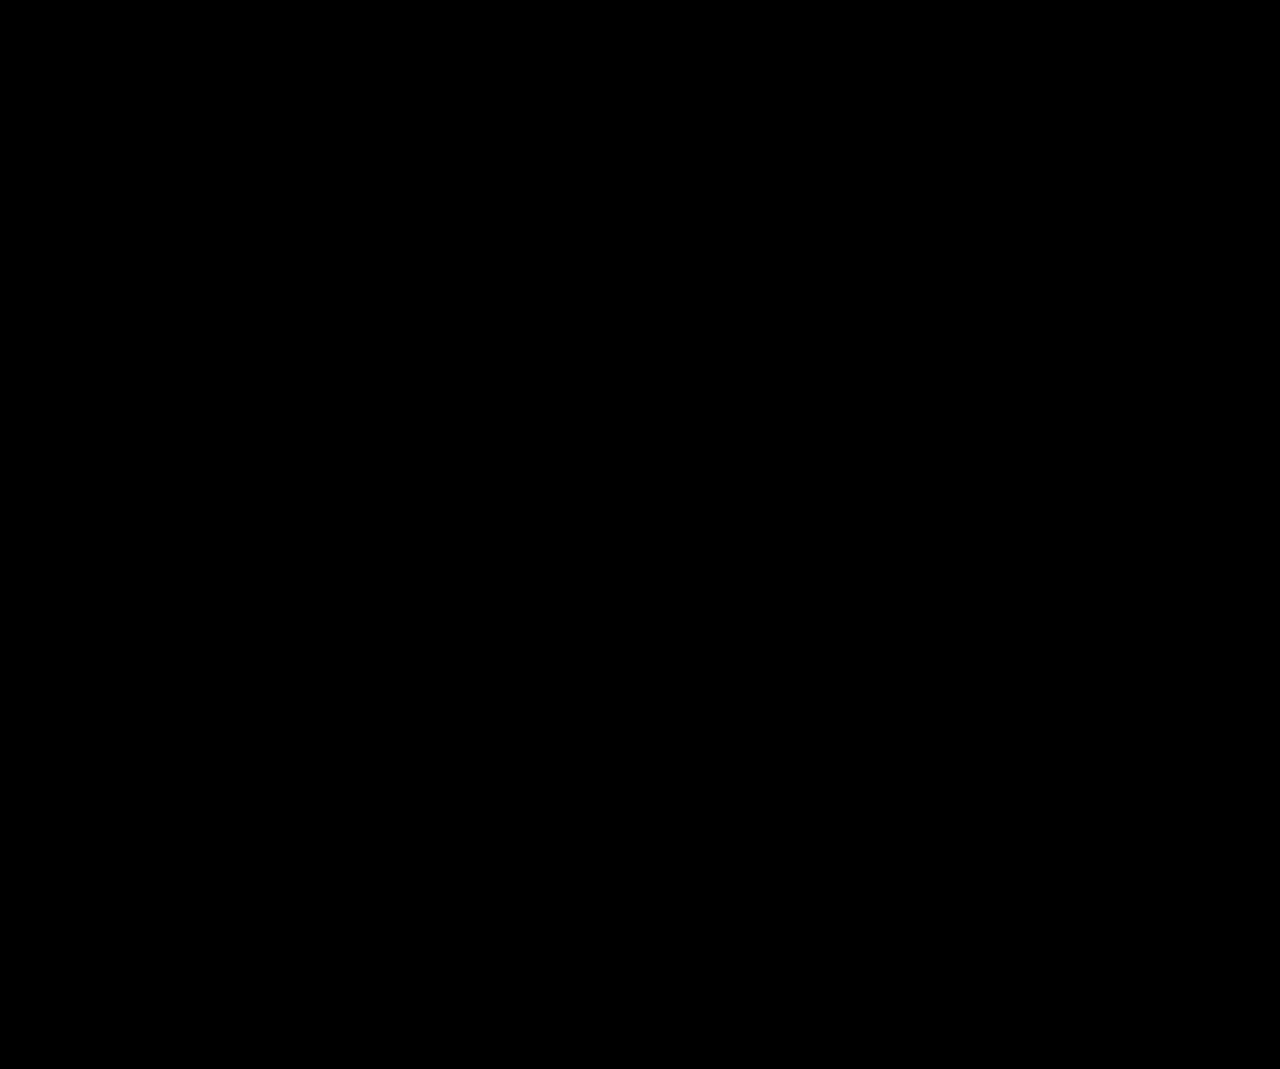 De horoscoop per sterrenbeeld vanaf 20 februari 2021